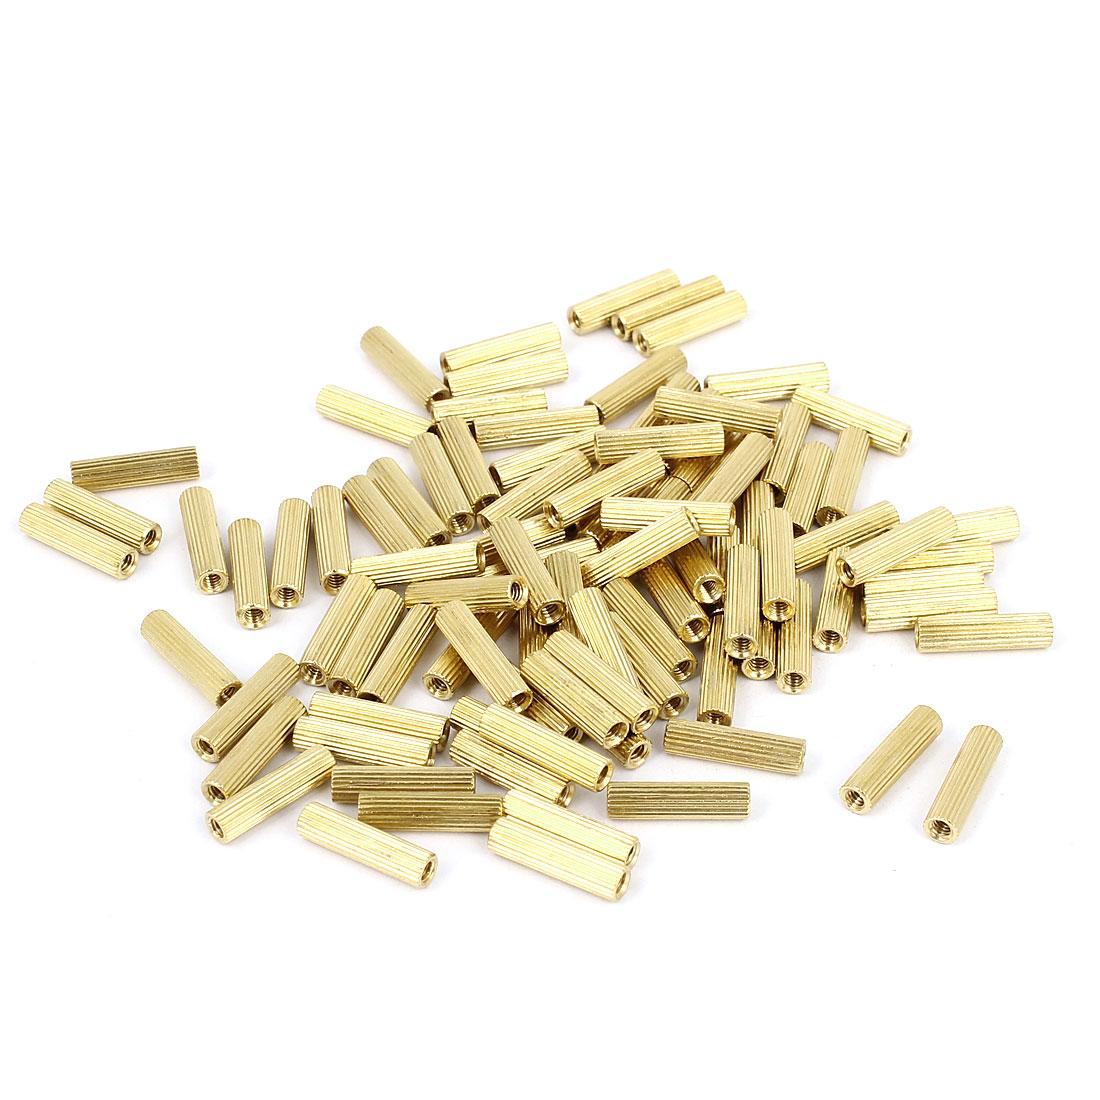 100pcs M2x11mm Hollow Pillar Column Ferrule Cylinder Brass Standoff Spacer